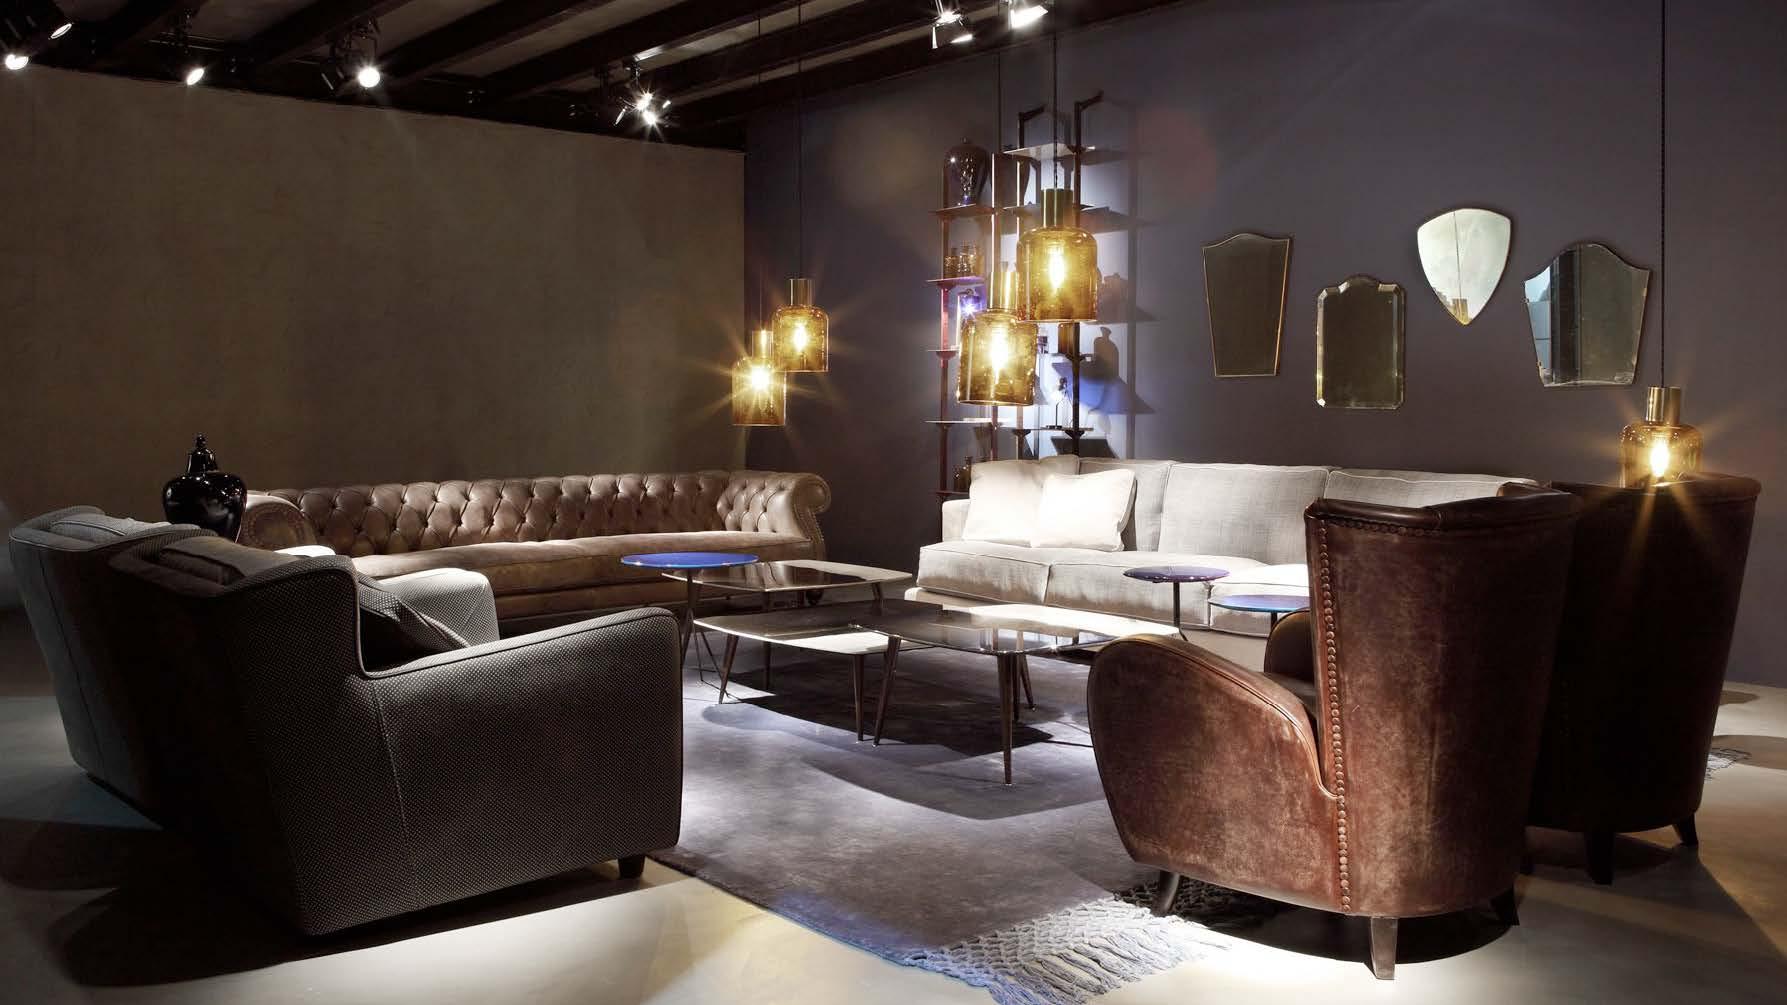 baxter salone 2013 milano (4)